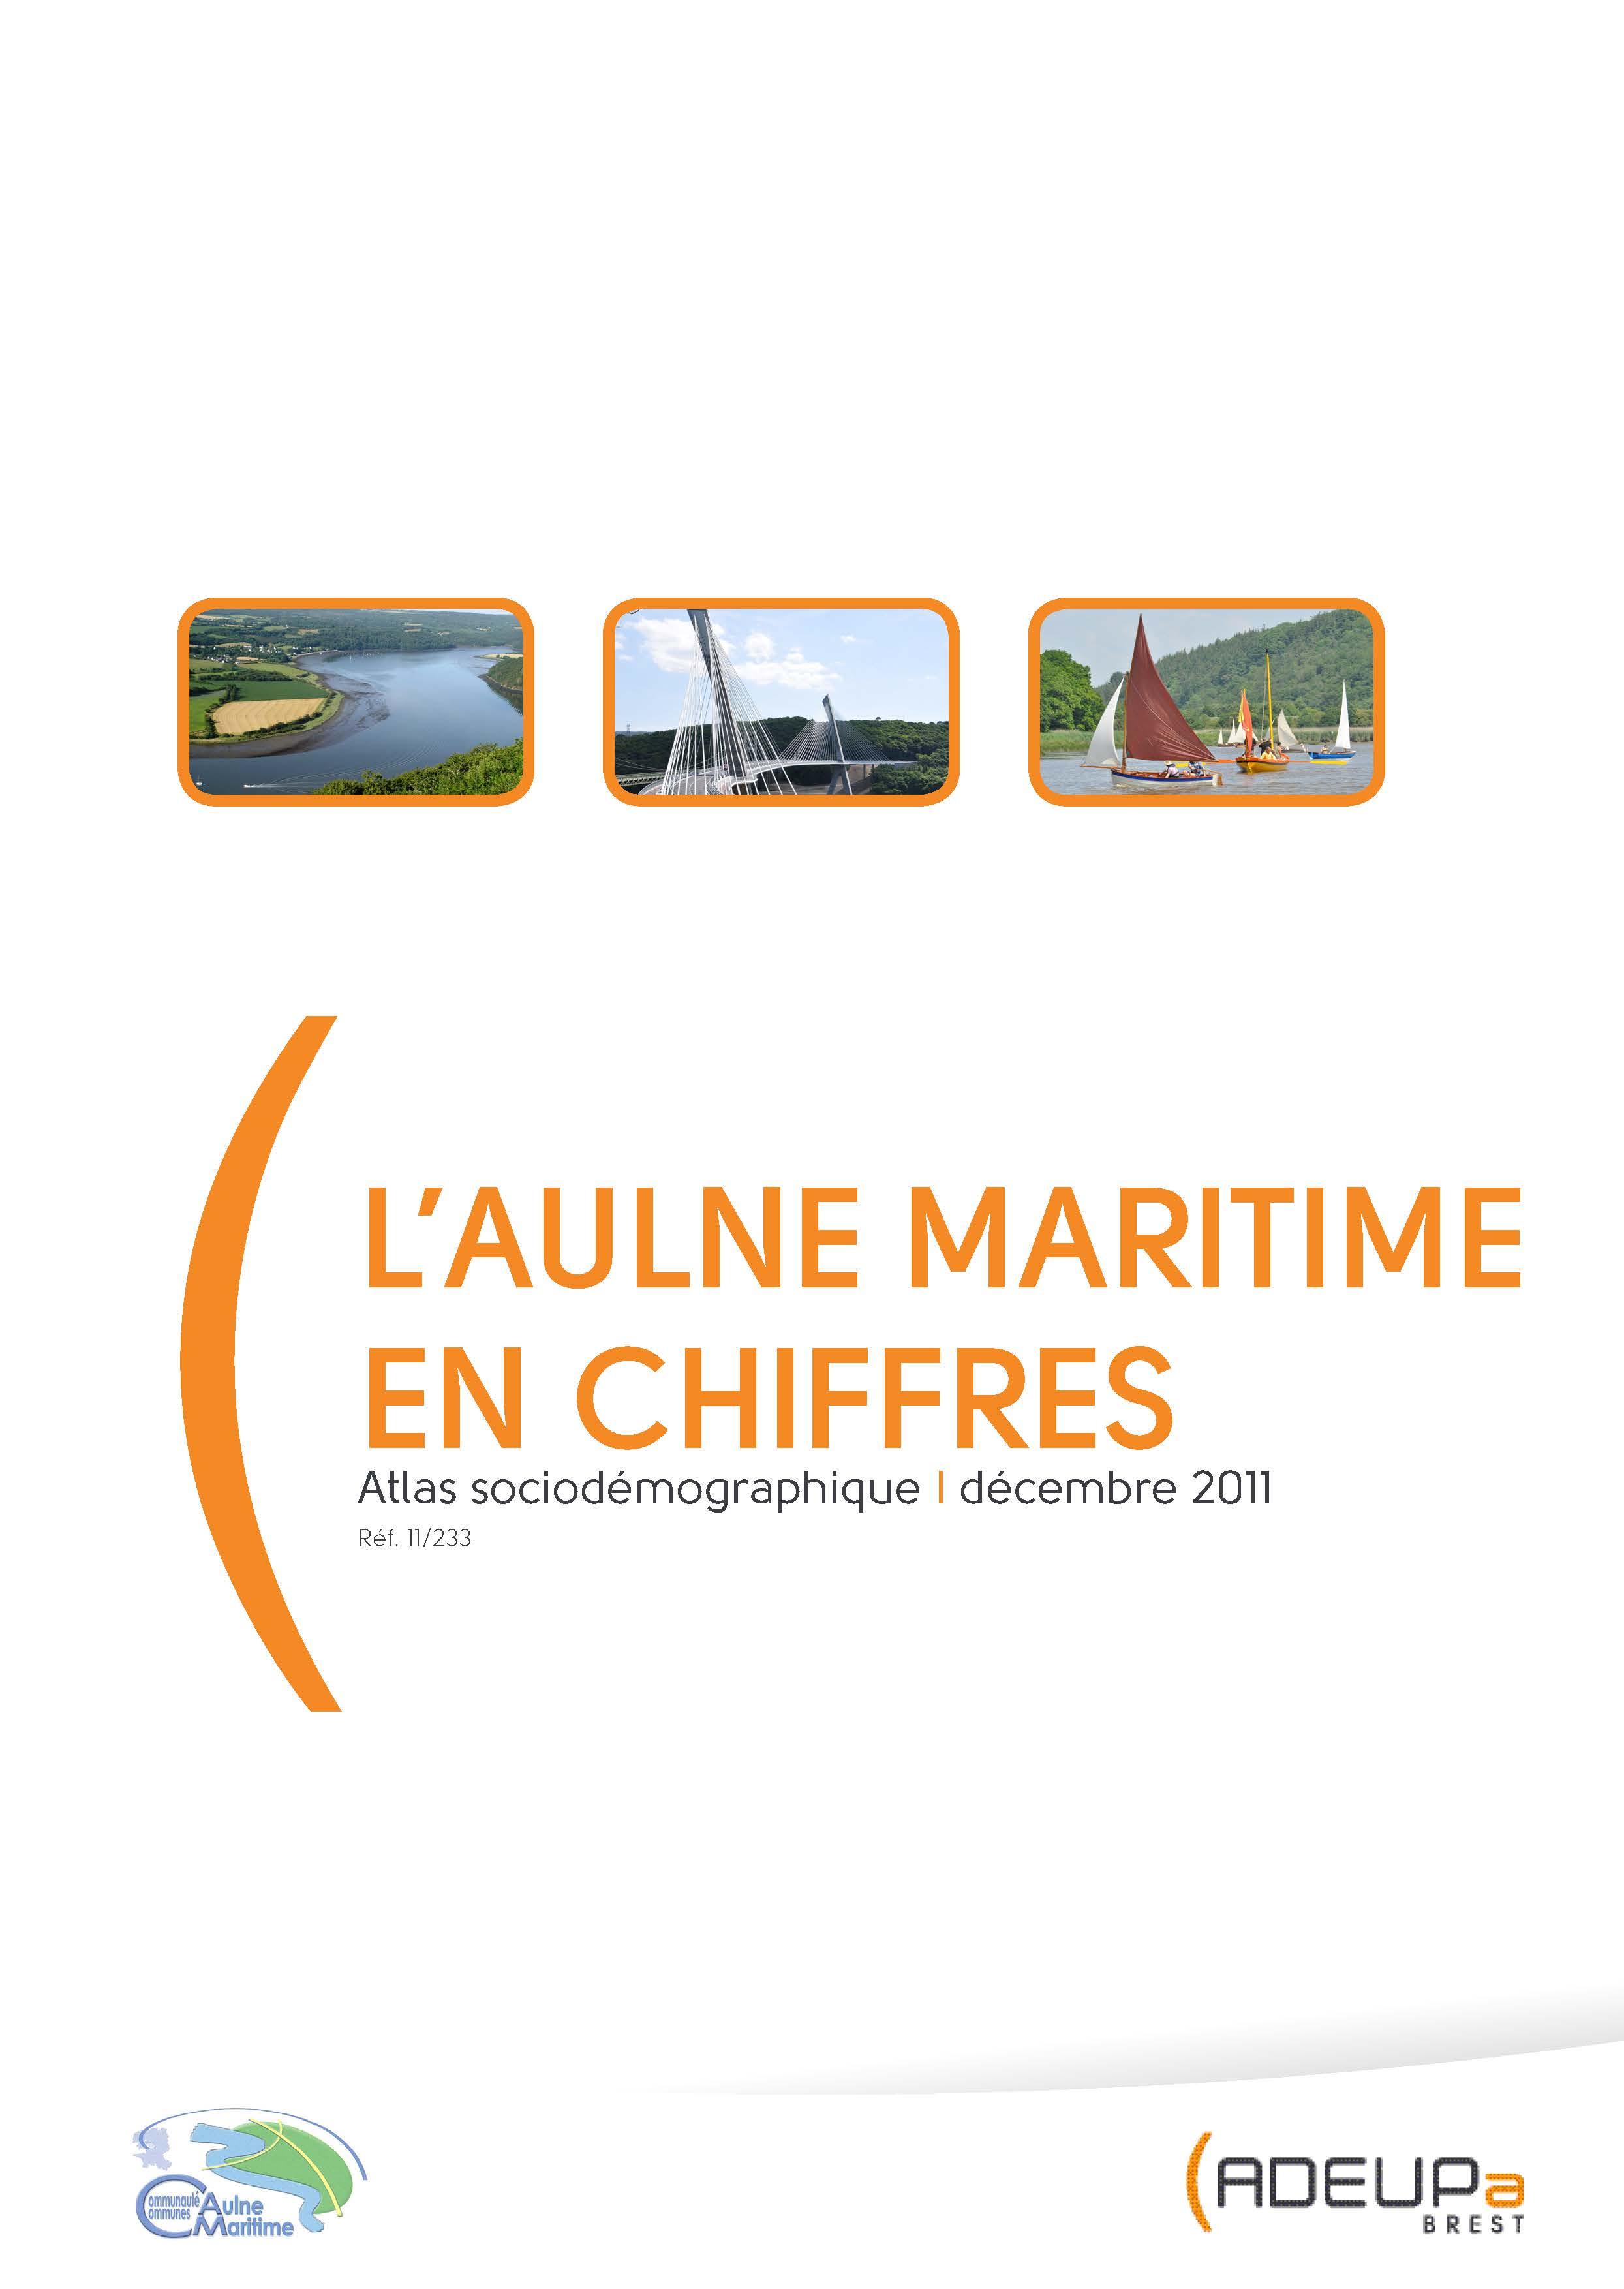 L'Aulne Maritime en chiffres – Atlas sociodémographique